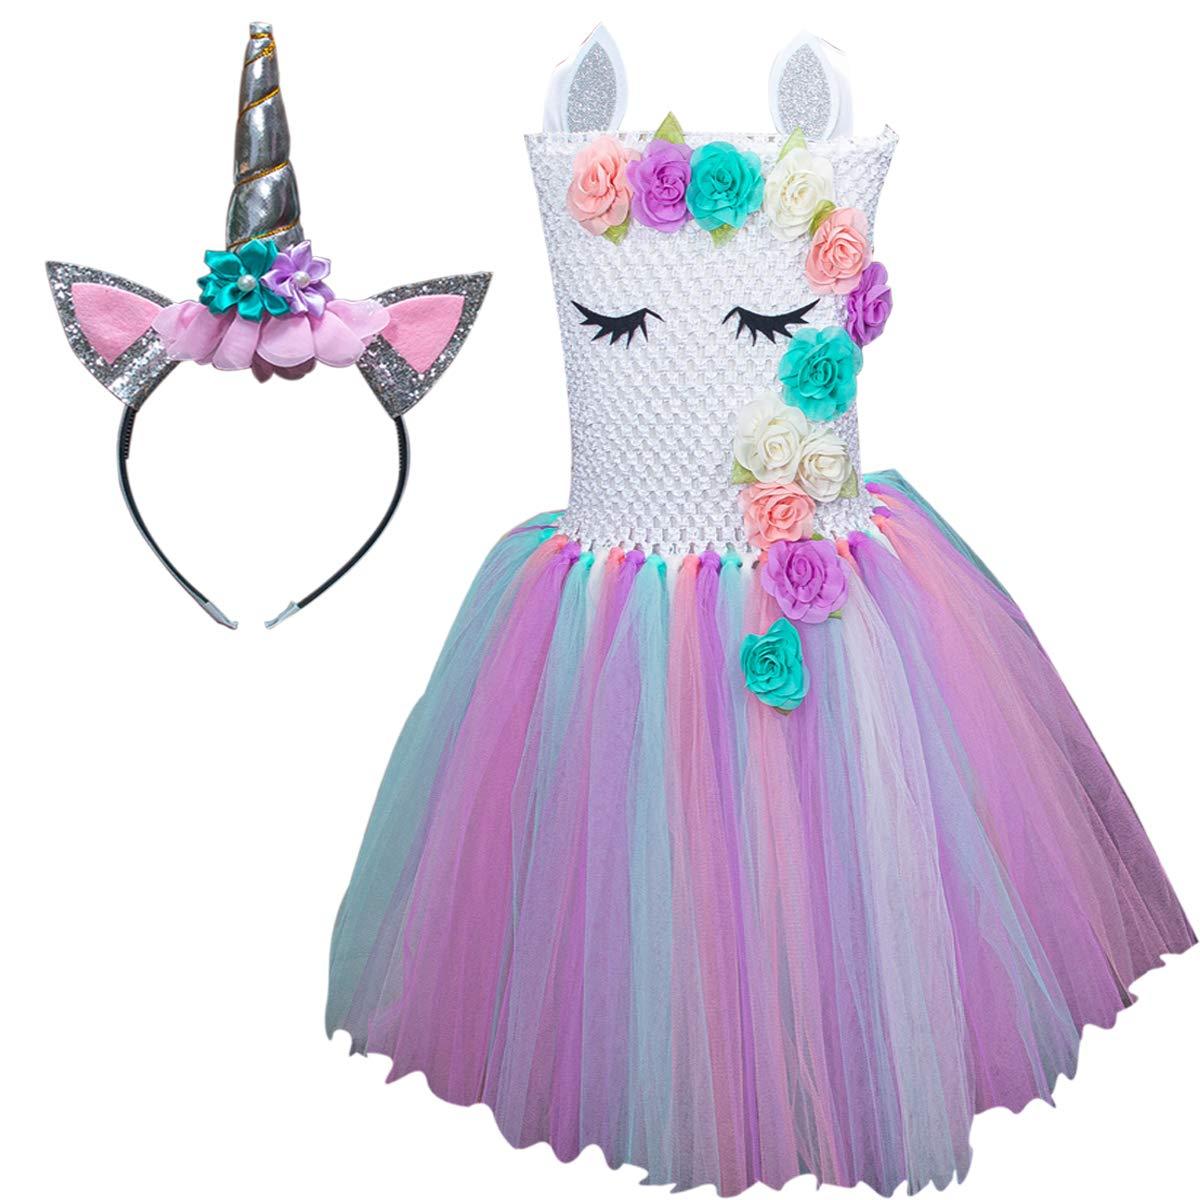 ユニコーンコスチューム 女の子用 ドレスアップ衣装 女の子用 レインボーユニコーンチュチュ ヘッドバンド付き 誕生日ギフト L(5T-6T) カラー1 B07NVL3DB7